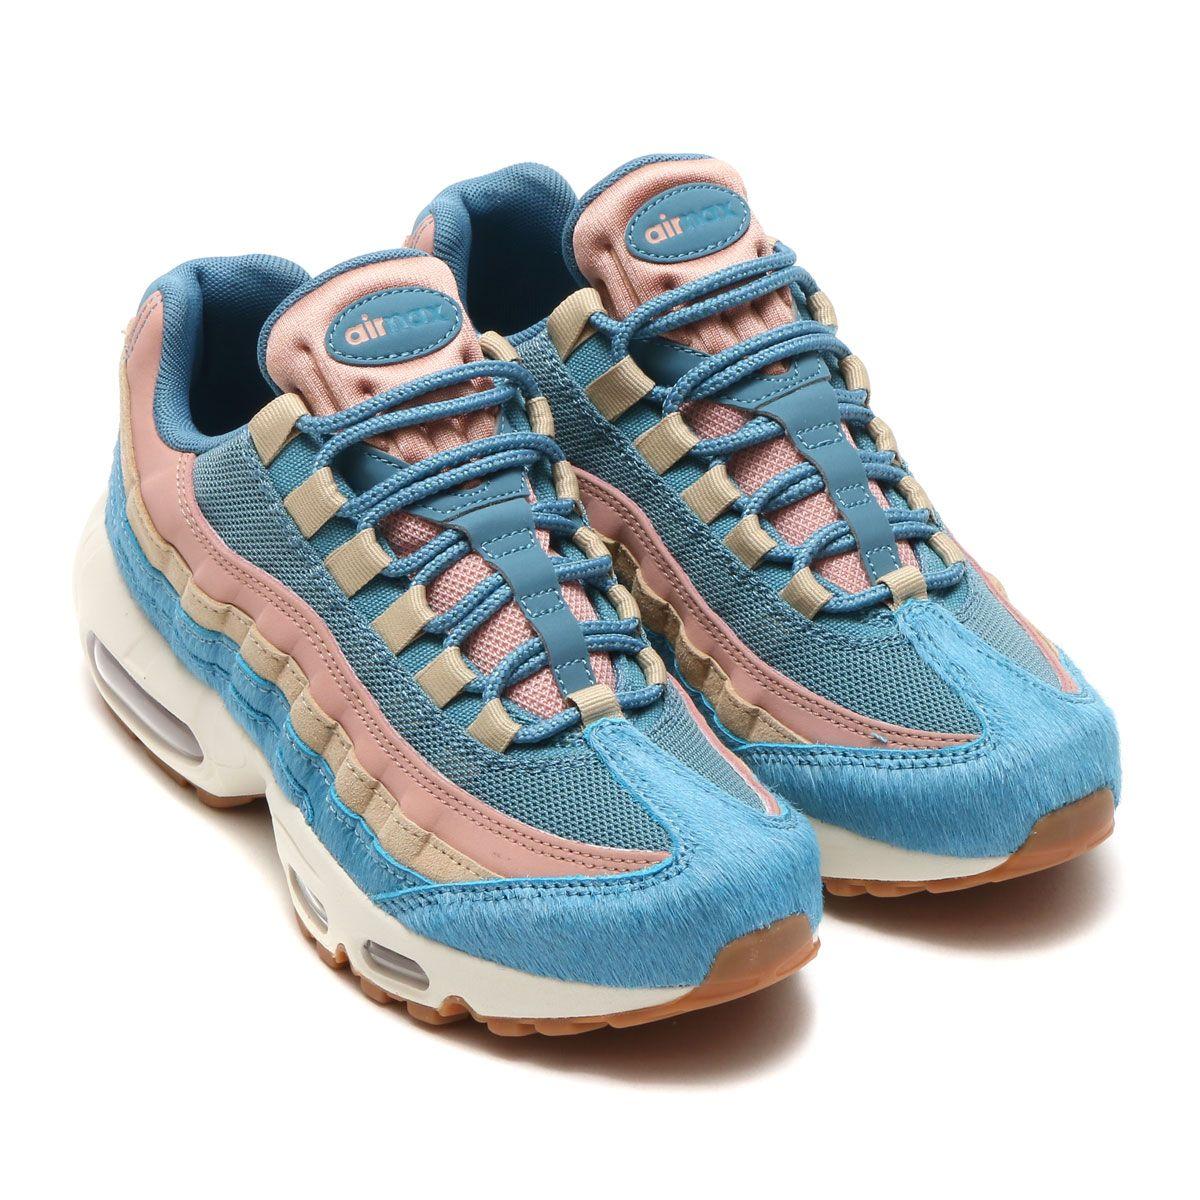 Nike Wmns Air Max 95 LX (Smokey Blue Smokey Blue Mushroom)